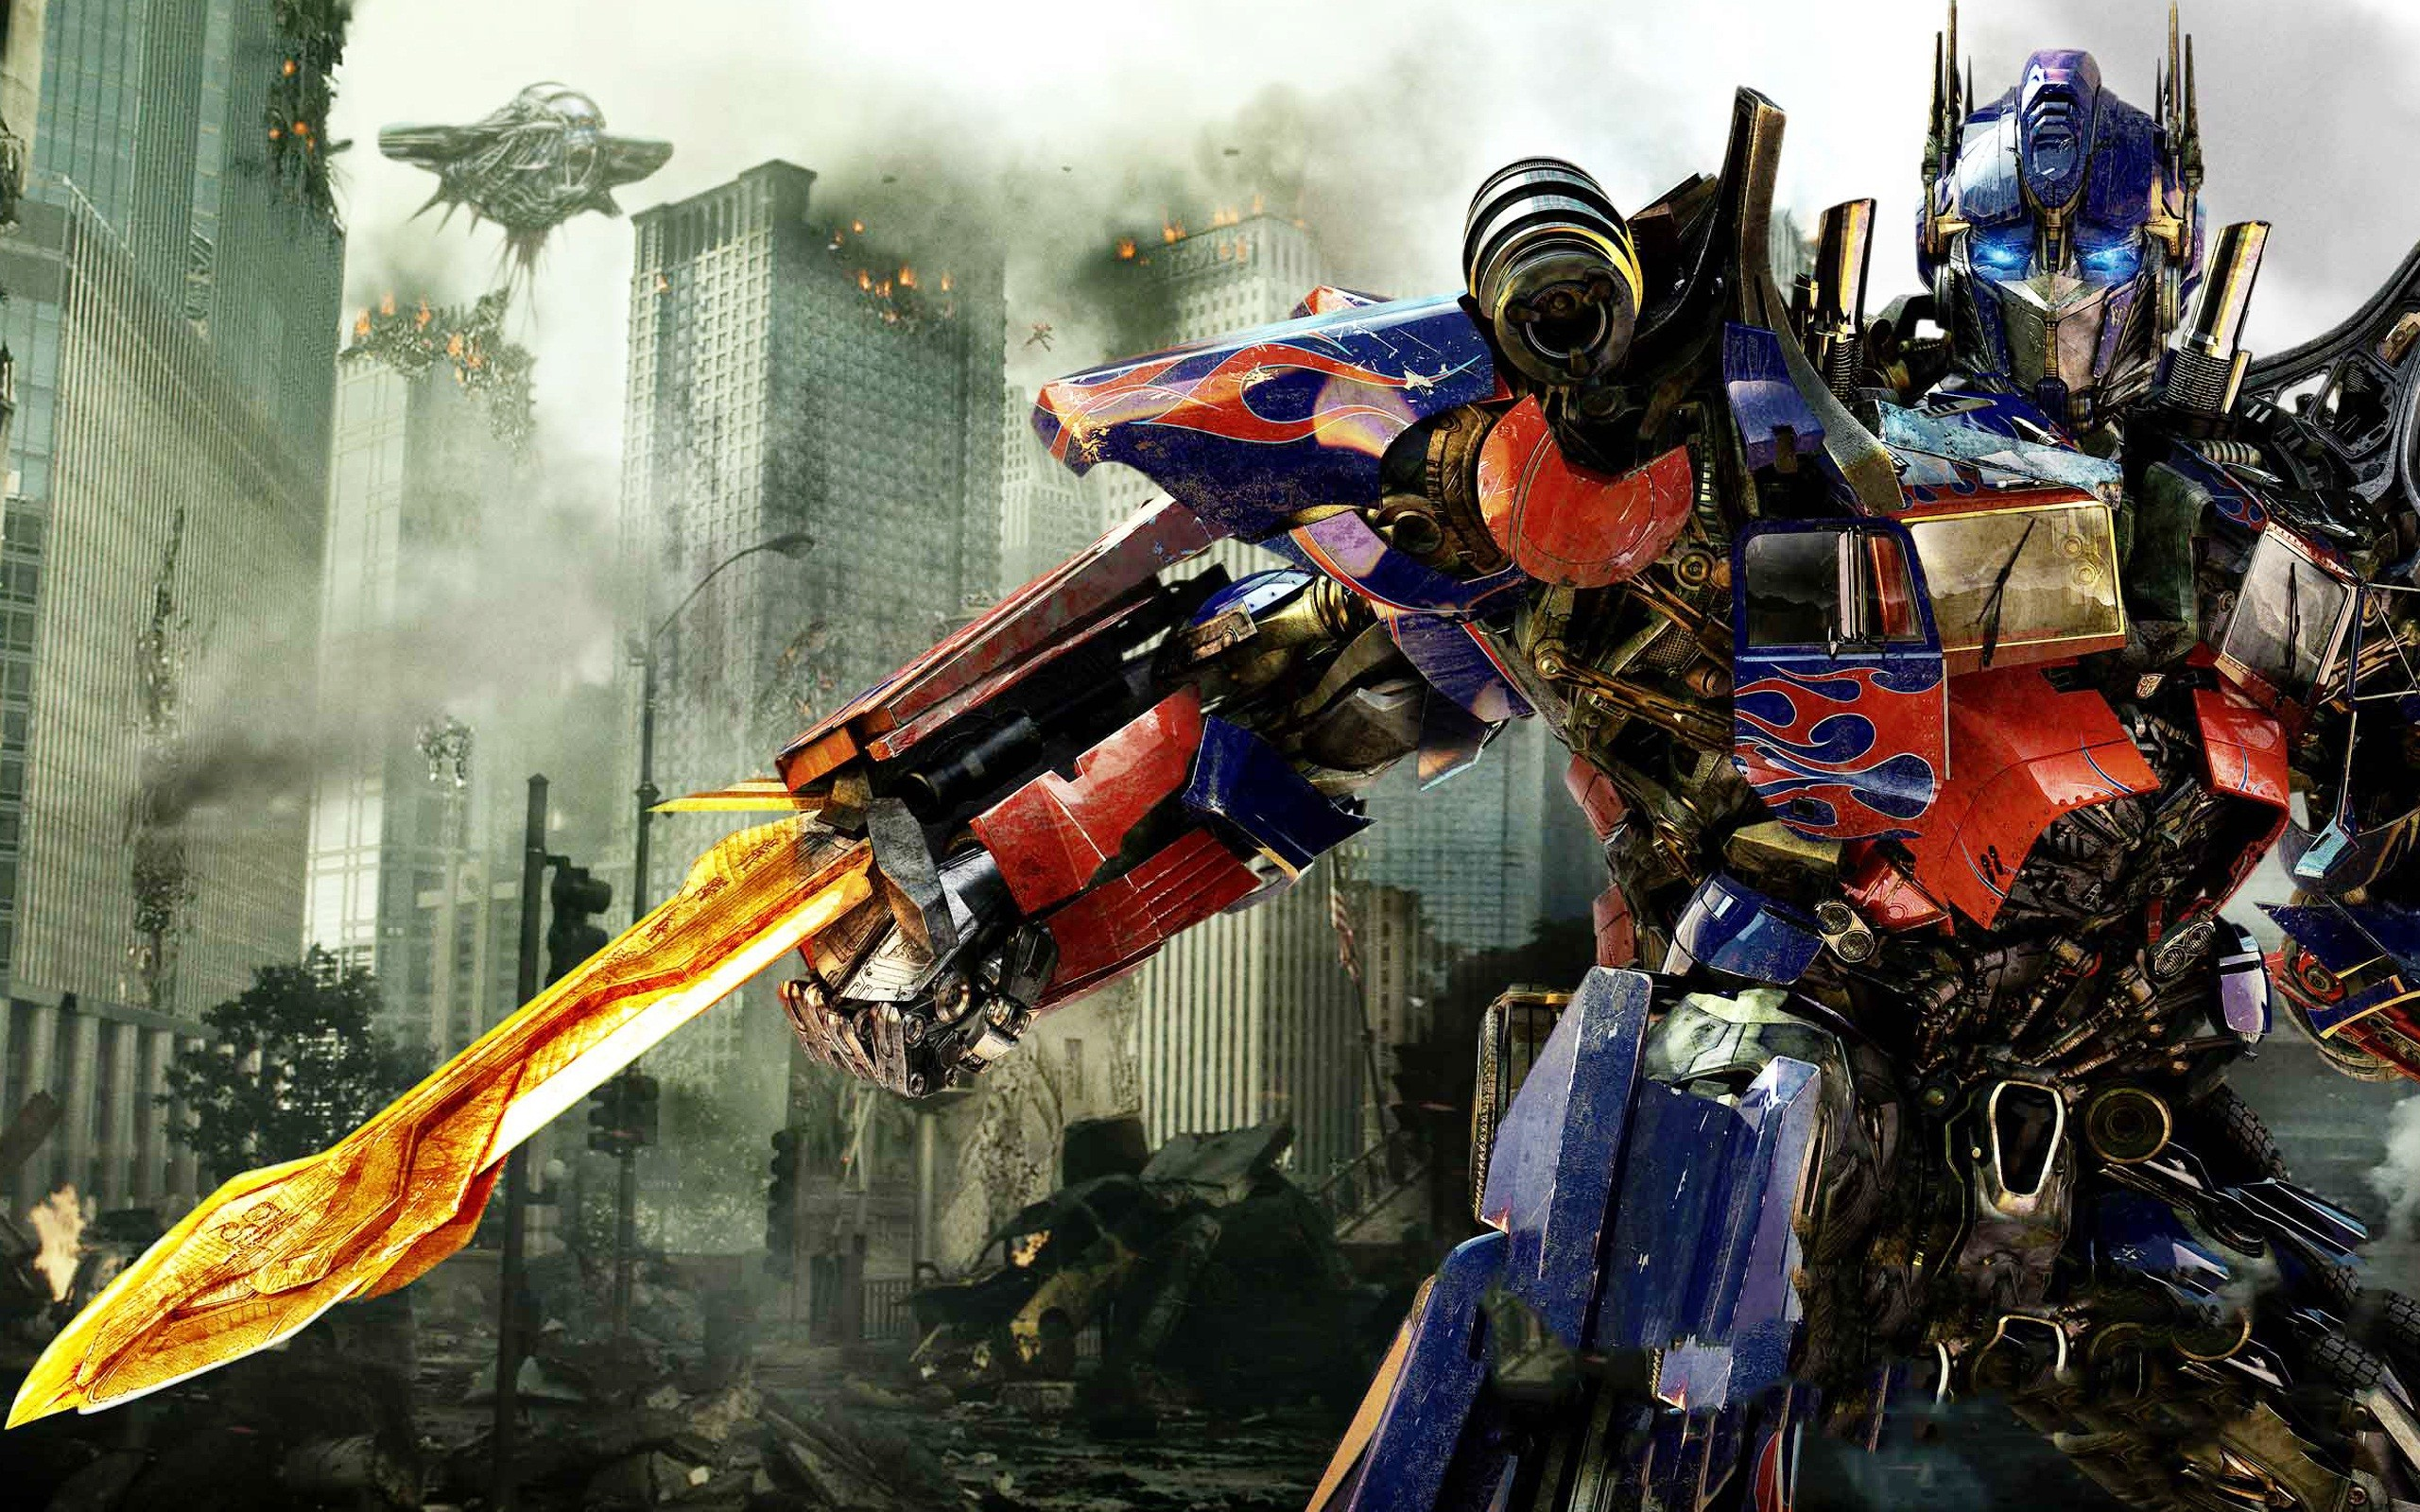 2560x1600px transformers optimus prime wallpaper - wallpapersafari